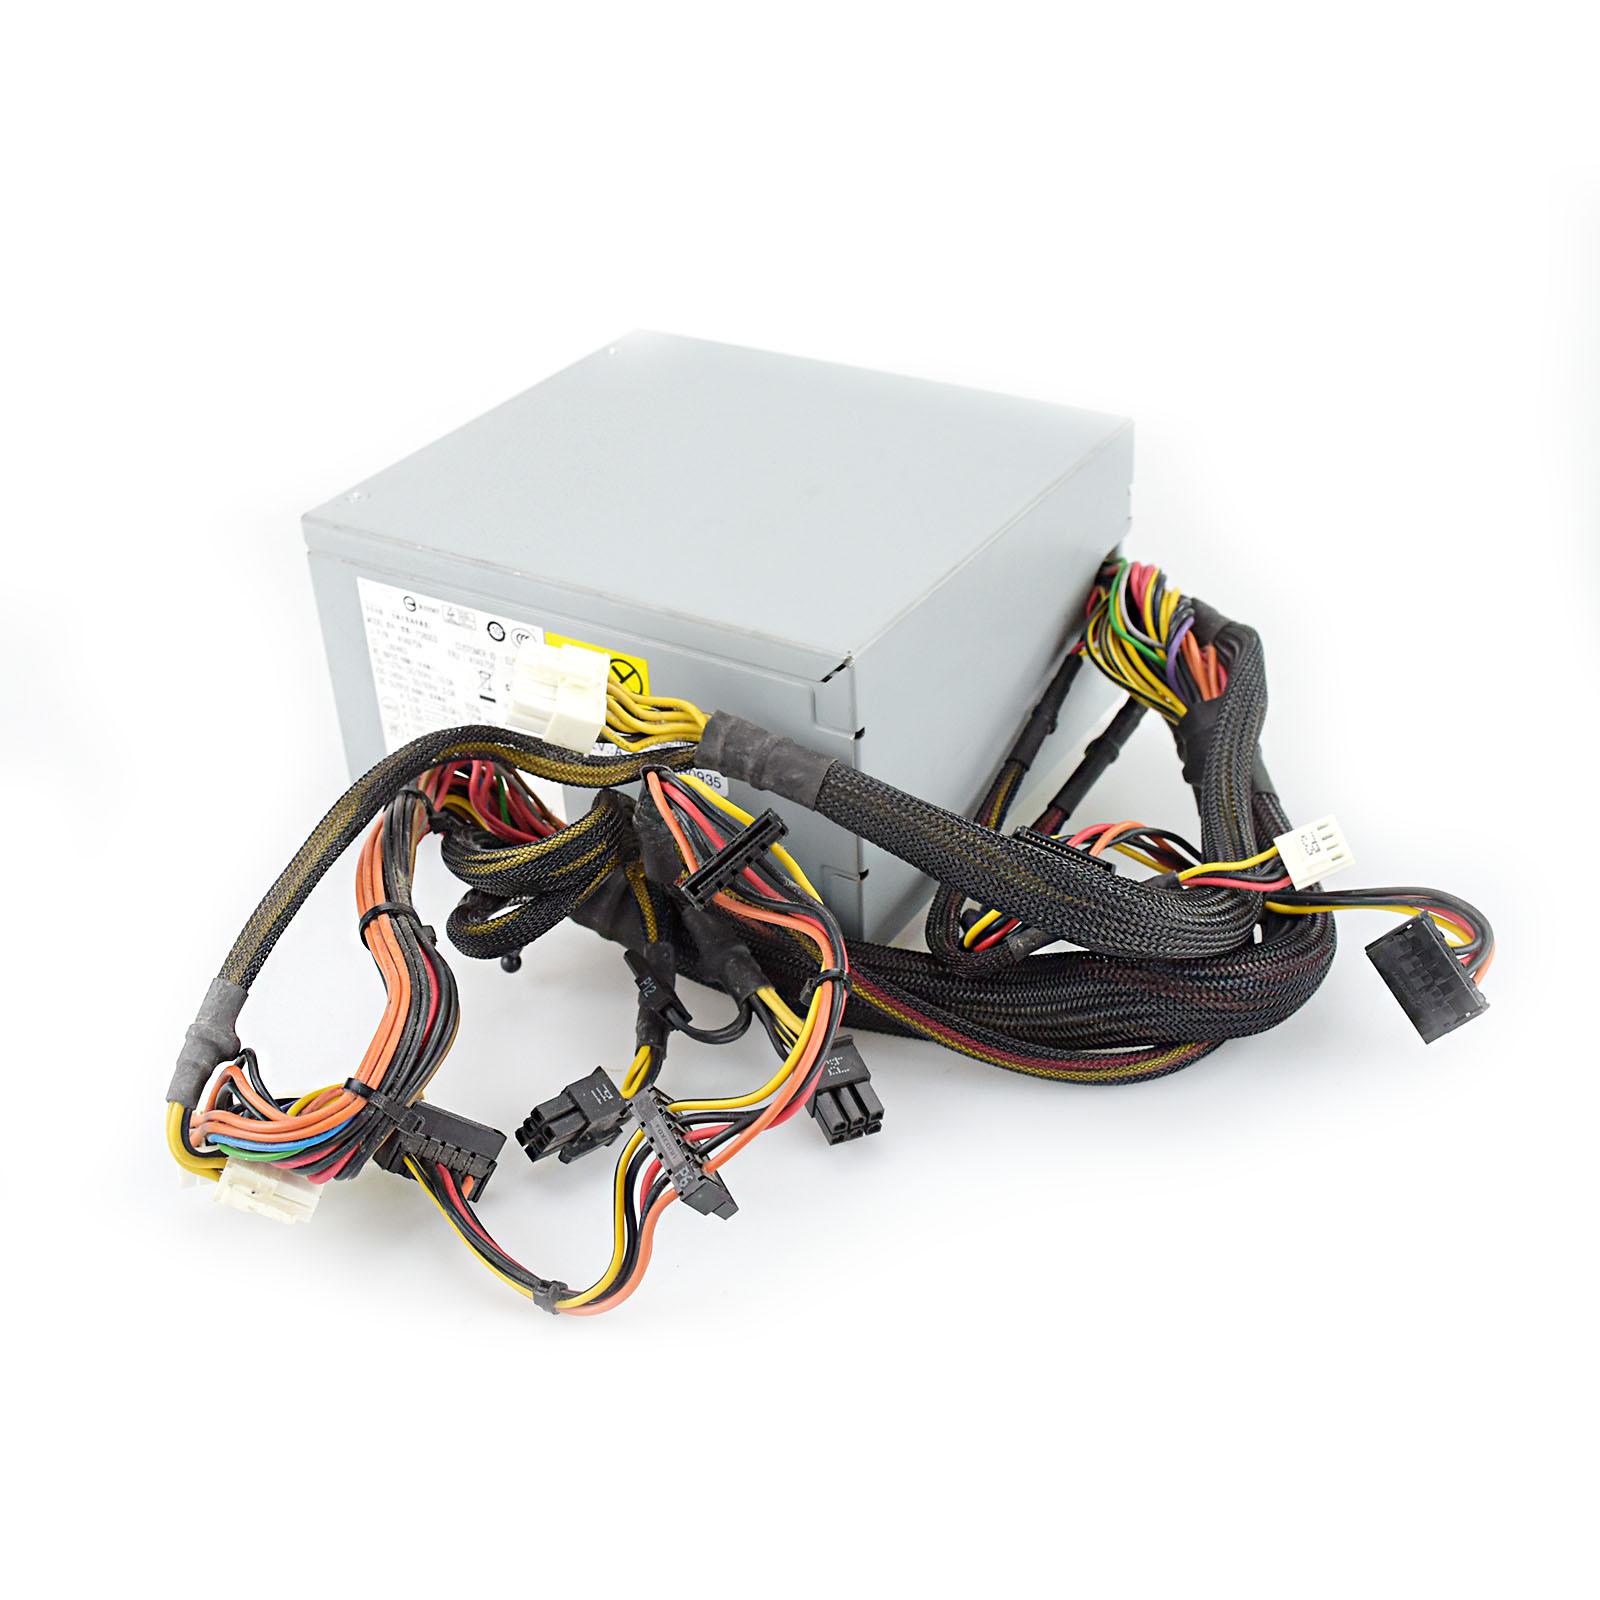 Fuente de alimentación de estación de trabajo para Lenovo ThinkStation S20, FRU41A9758 625W FS8003